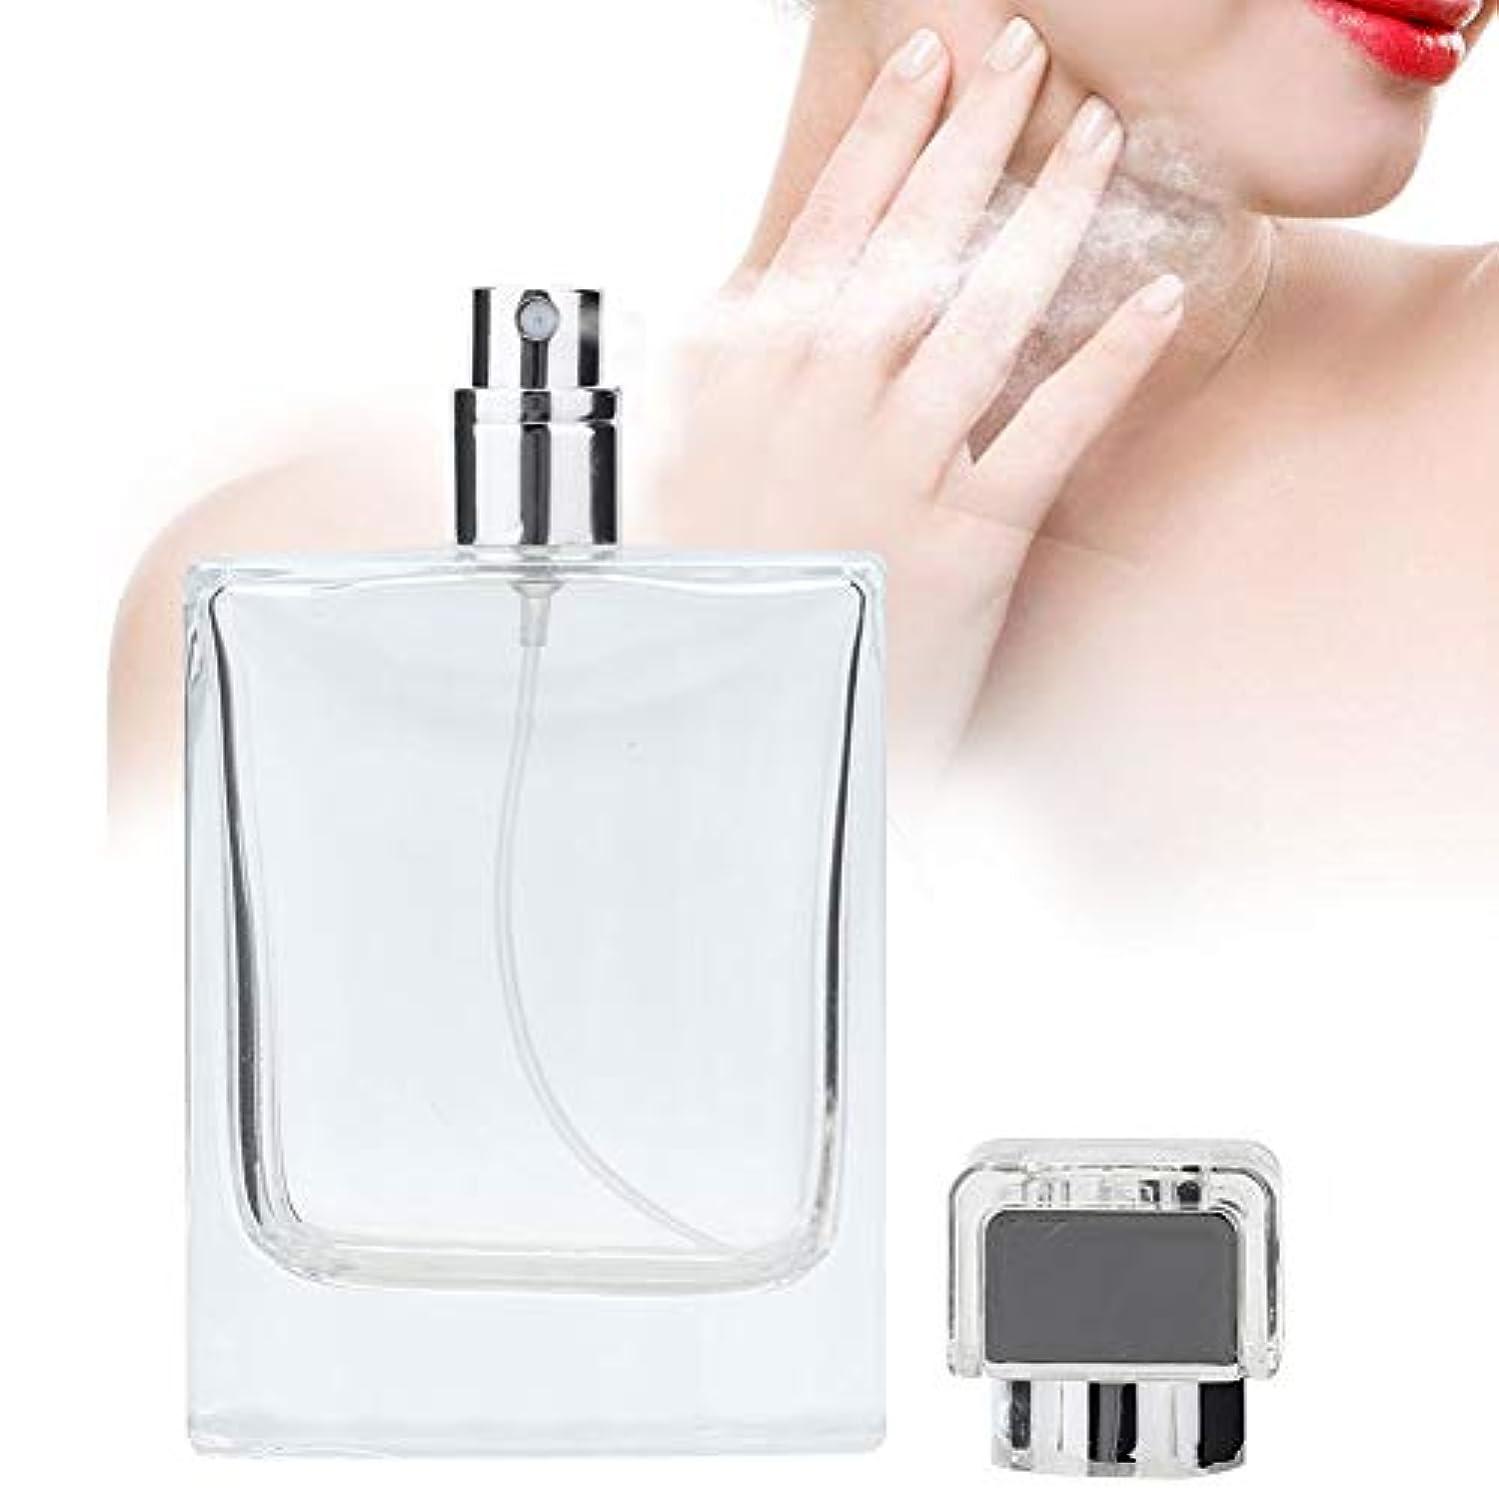 箱フルーツ野菜樫の木100 ML ガラス 詰め替え 香水スプレーボトル 空の香水アトマイザーディスペンサーボトル